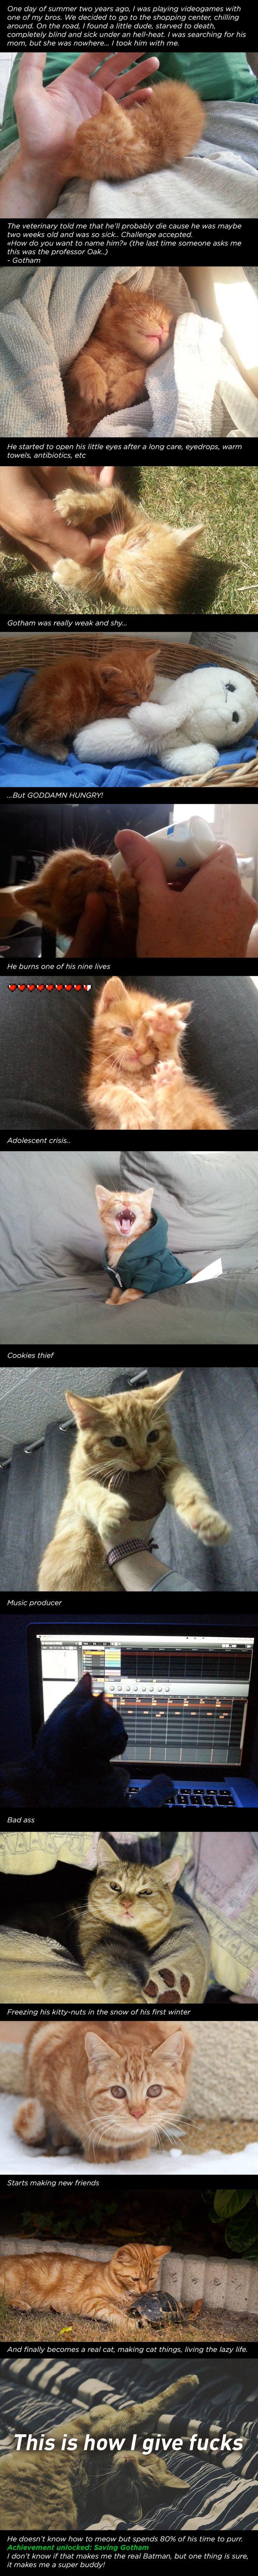 Batman saves Gotham kitty